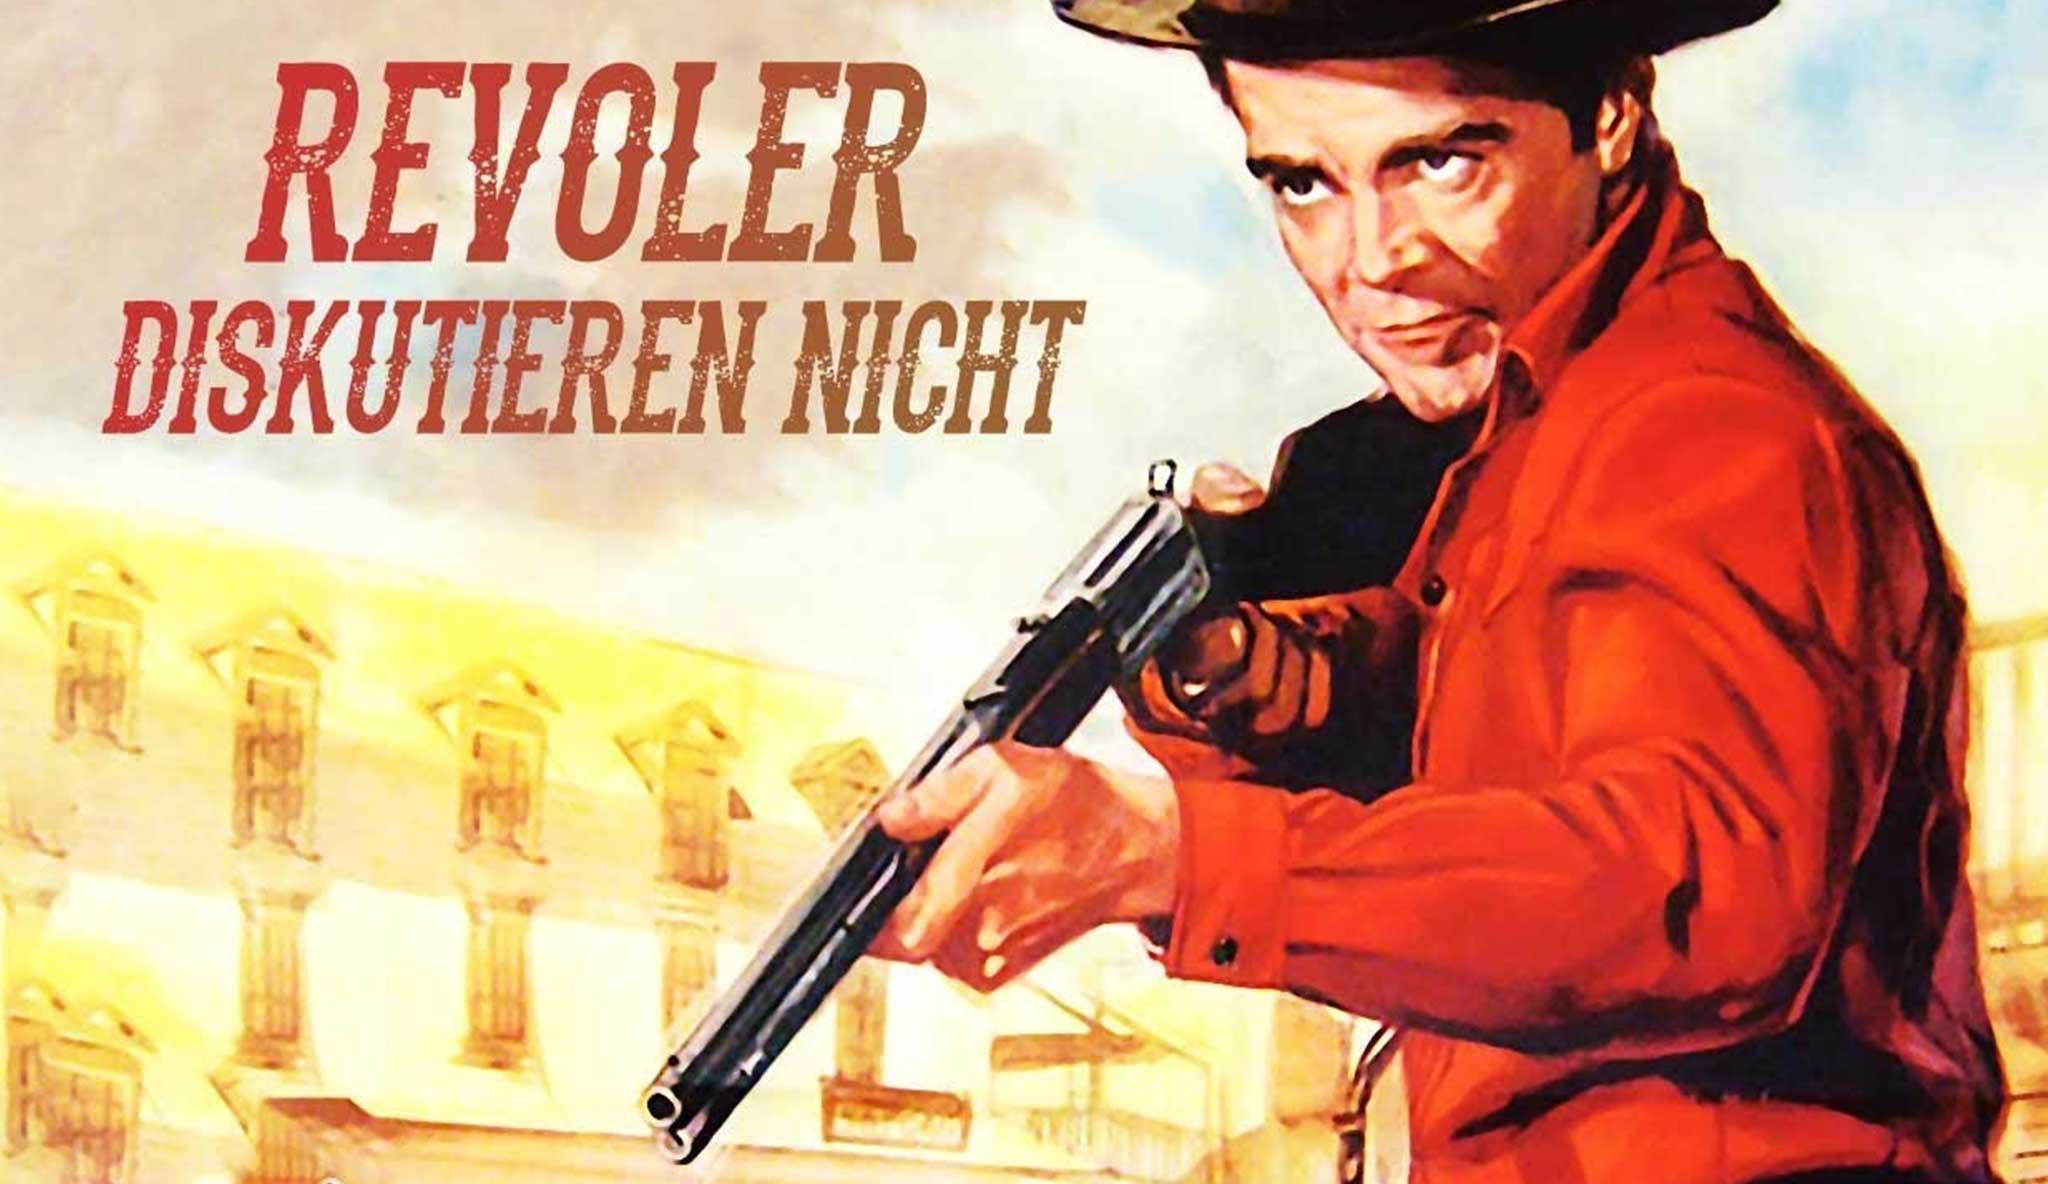 revolver-diskutieren-nicht\header.jpg